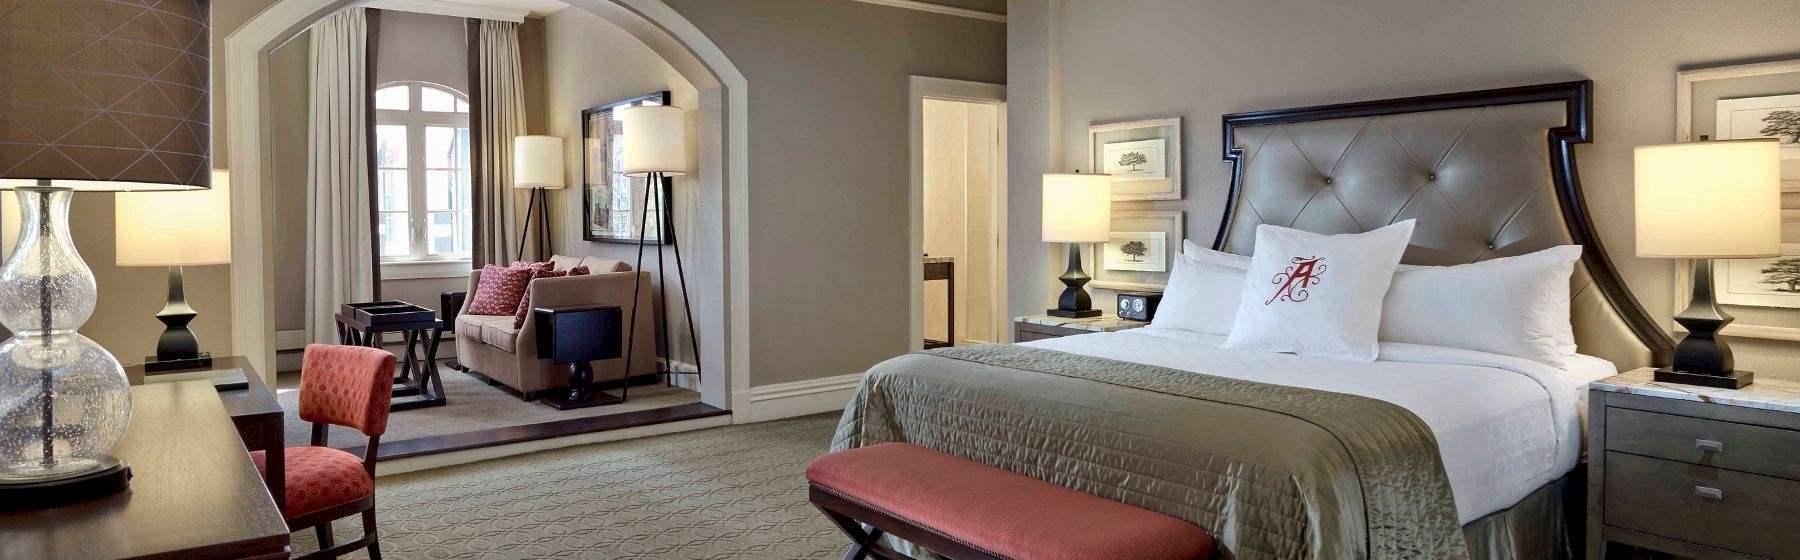 Algonquin Bed & Brunch